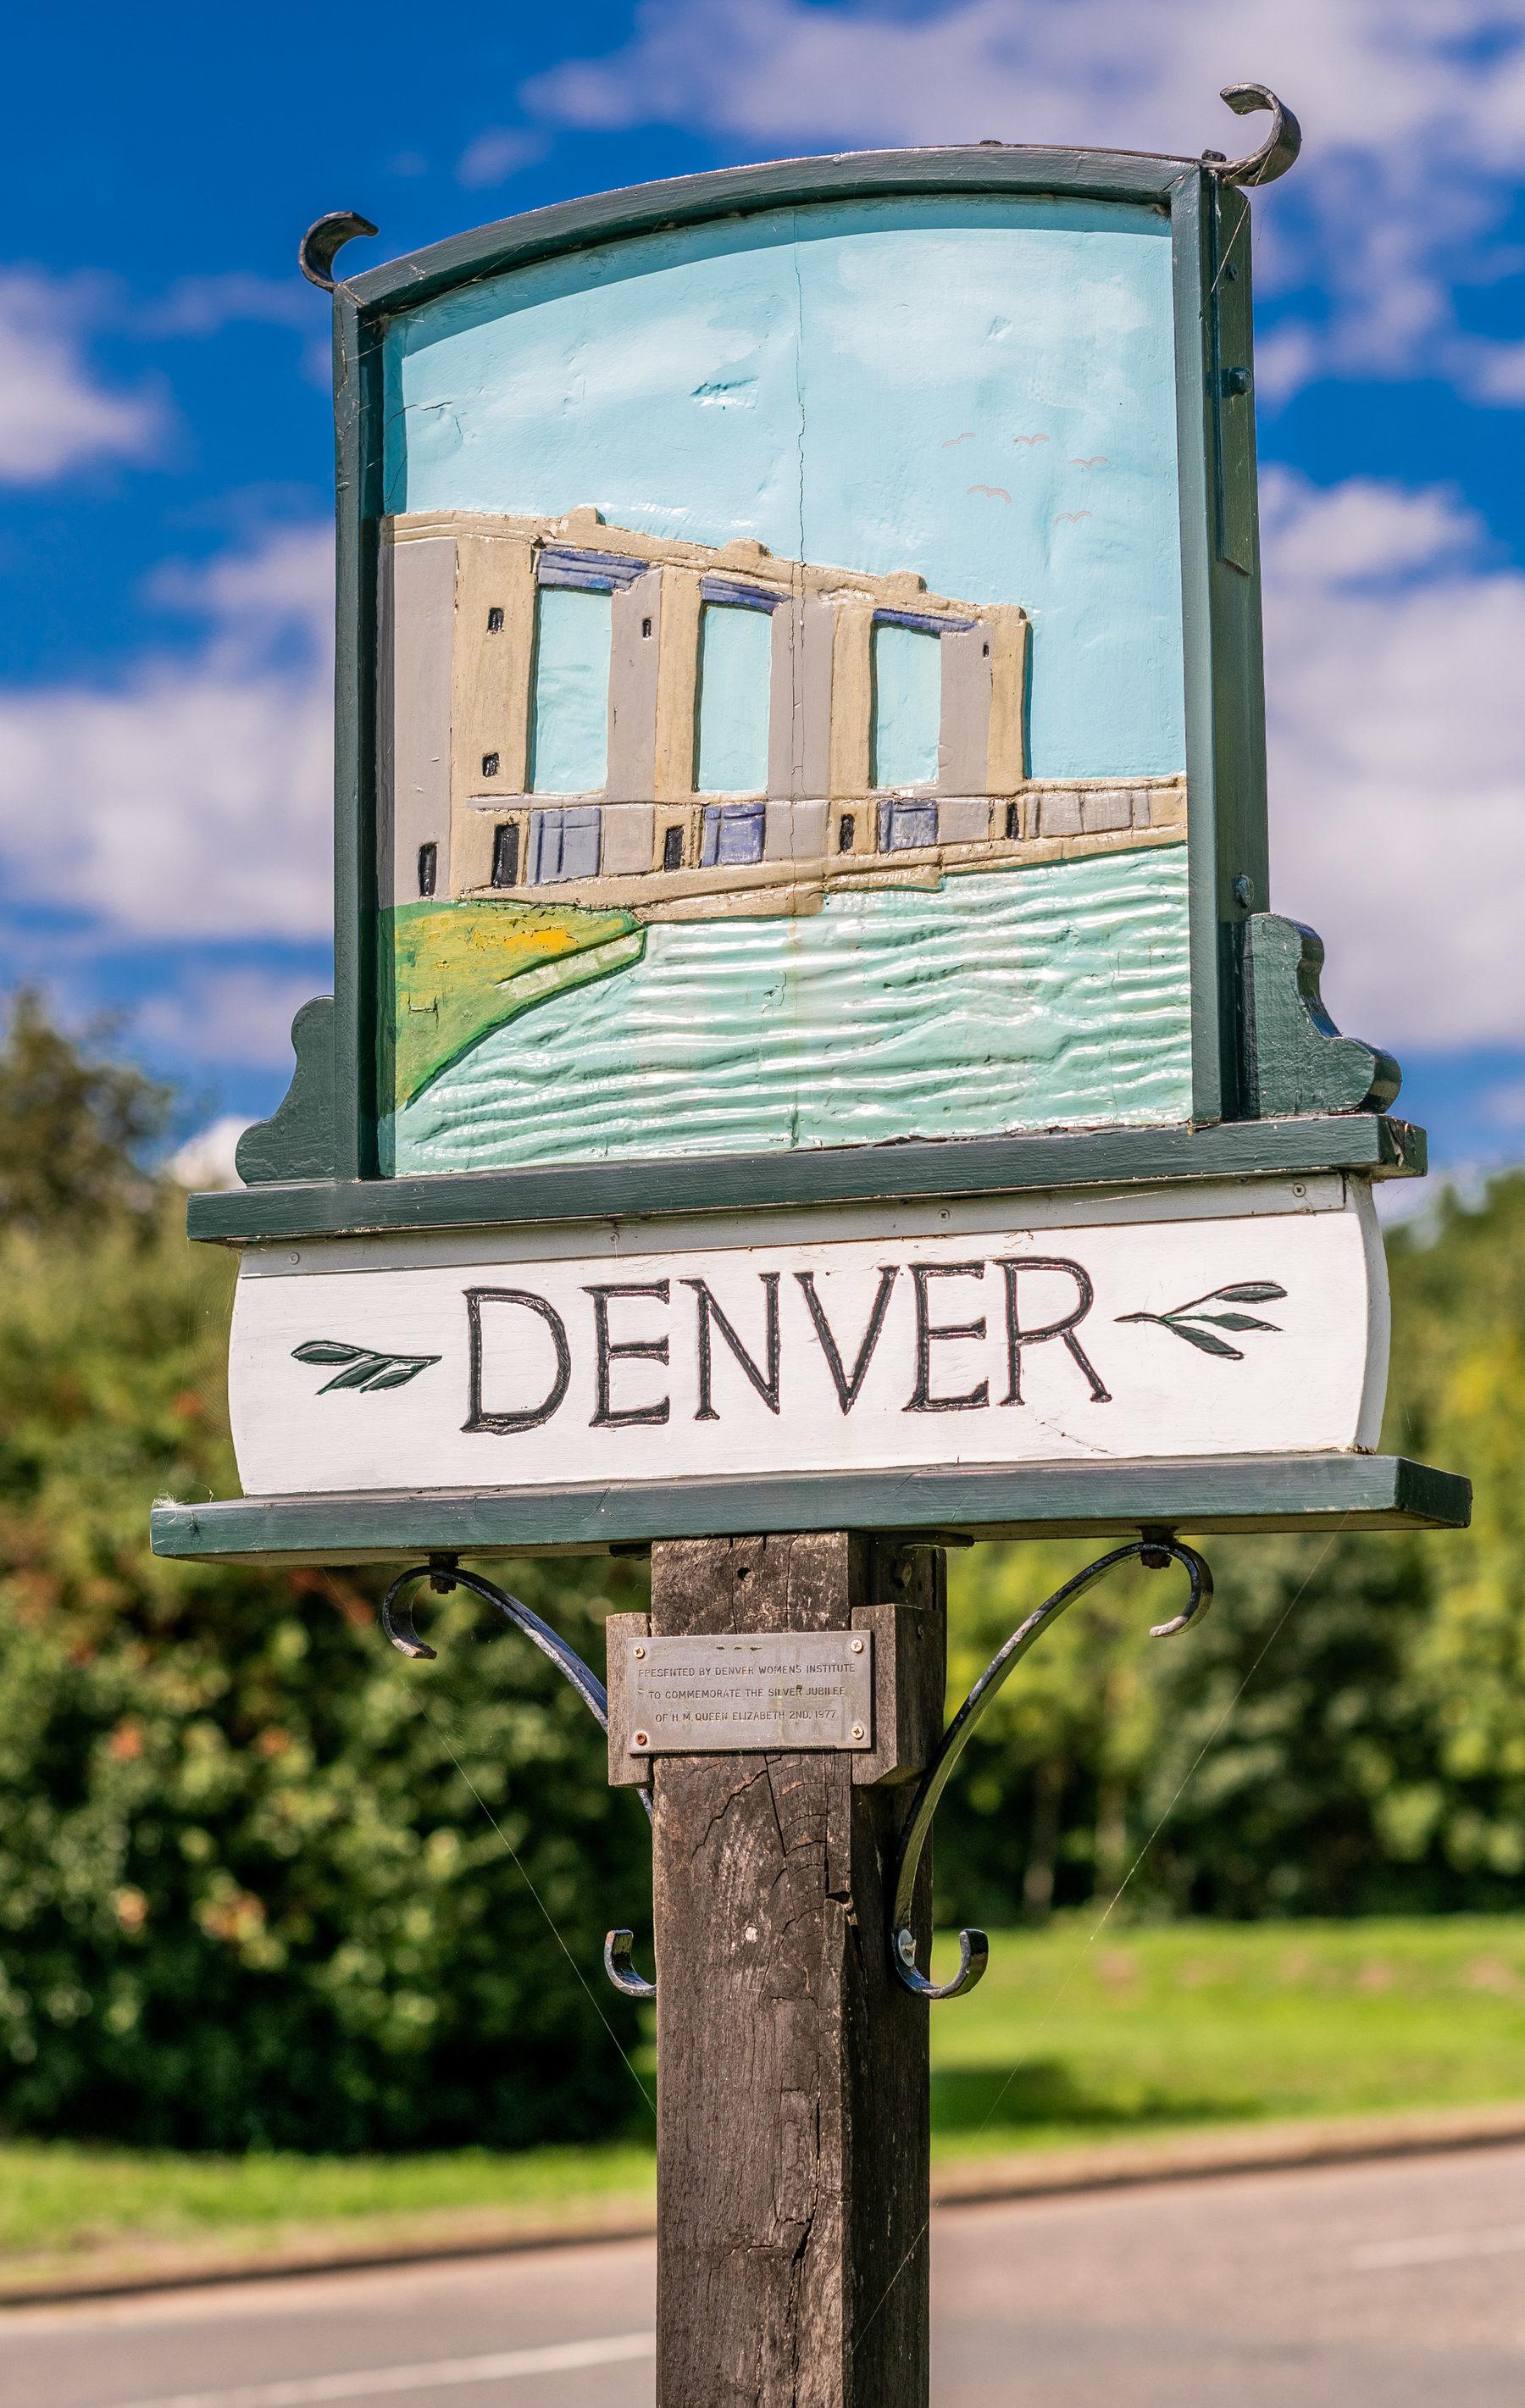 003 Denver Village 2018